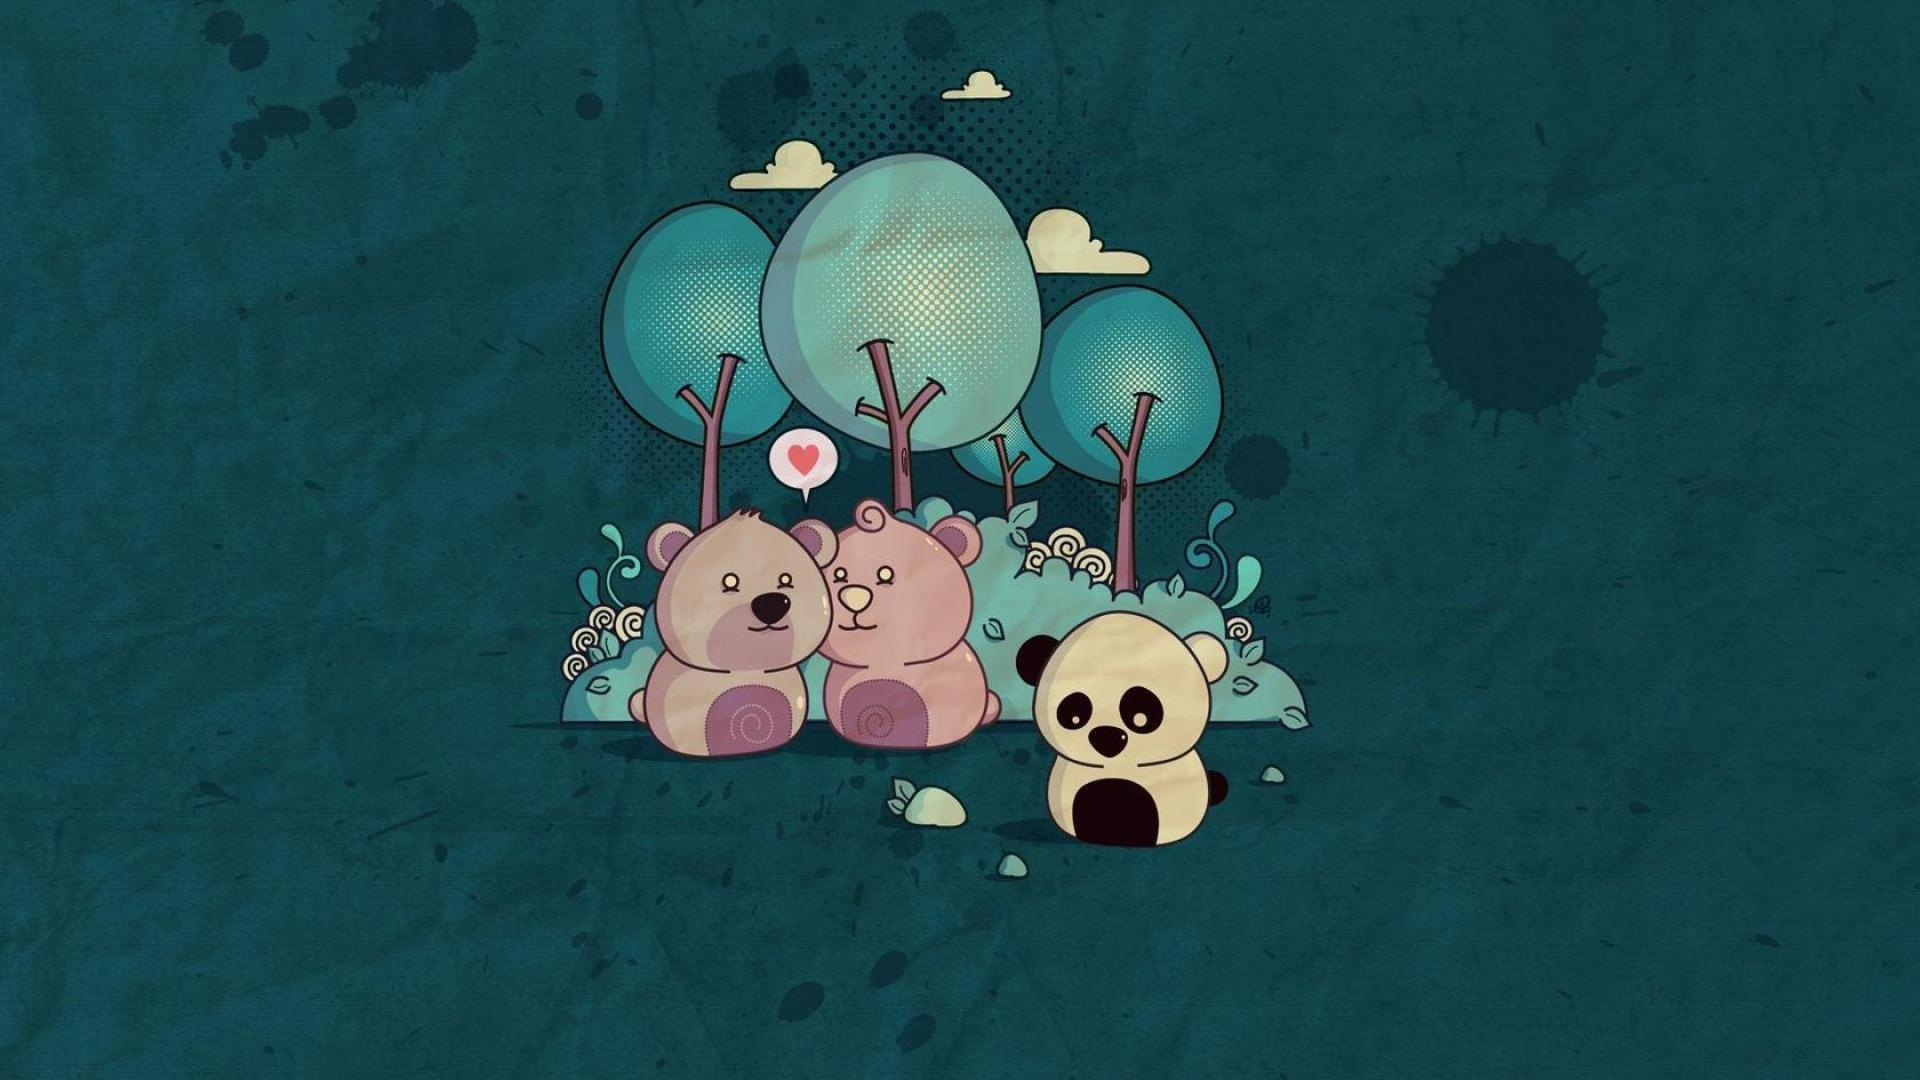 20张可爱熊猫桌面壁纸